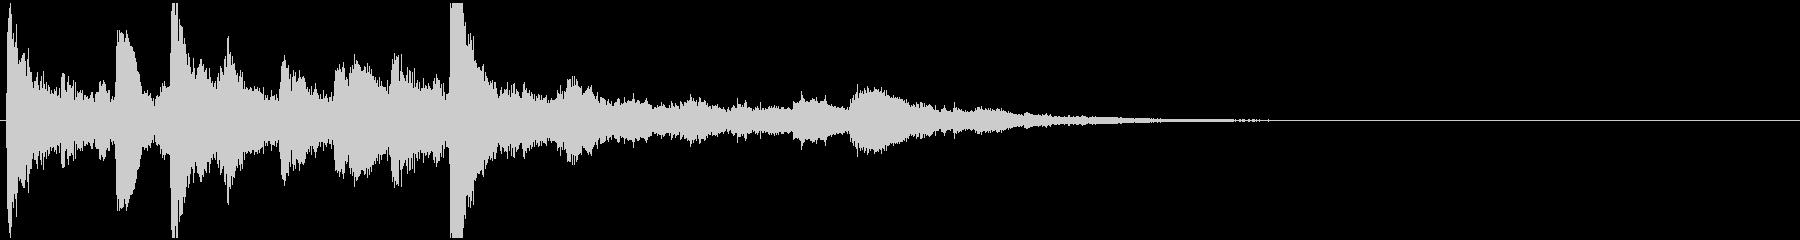 ジングル(結果表示・場面終了)の未再生の波形